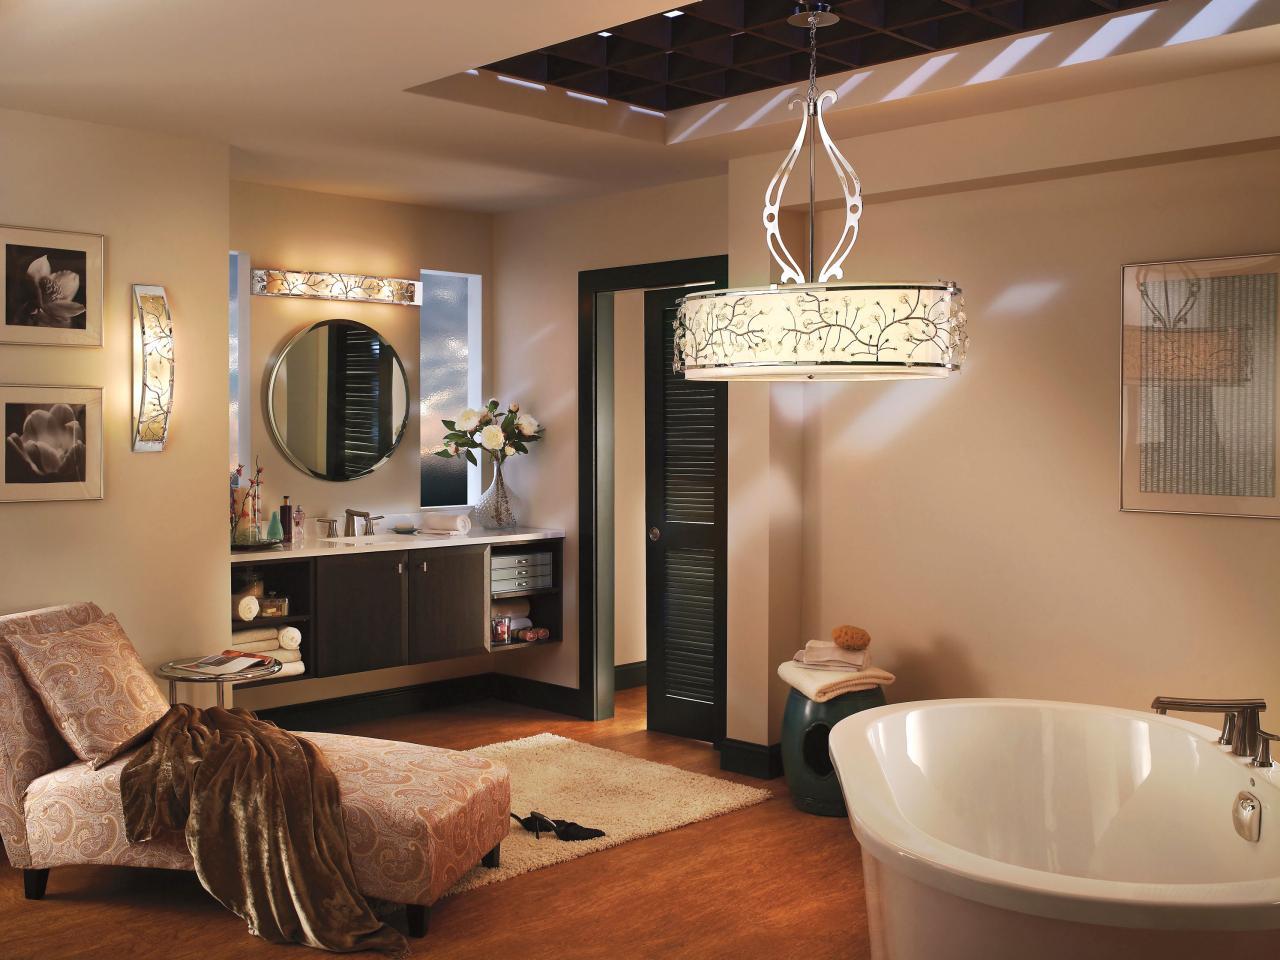 Декоративные светильники в ванной комнате